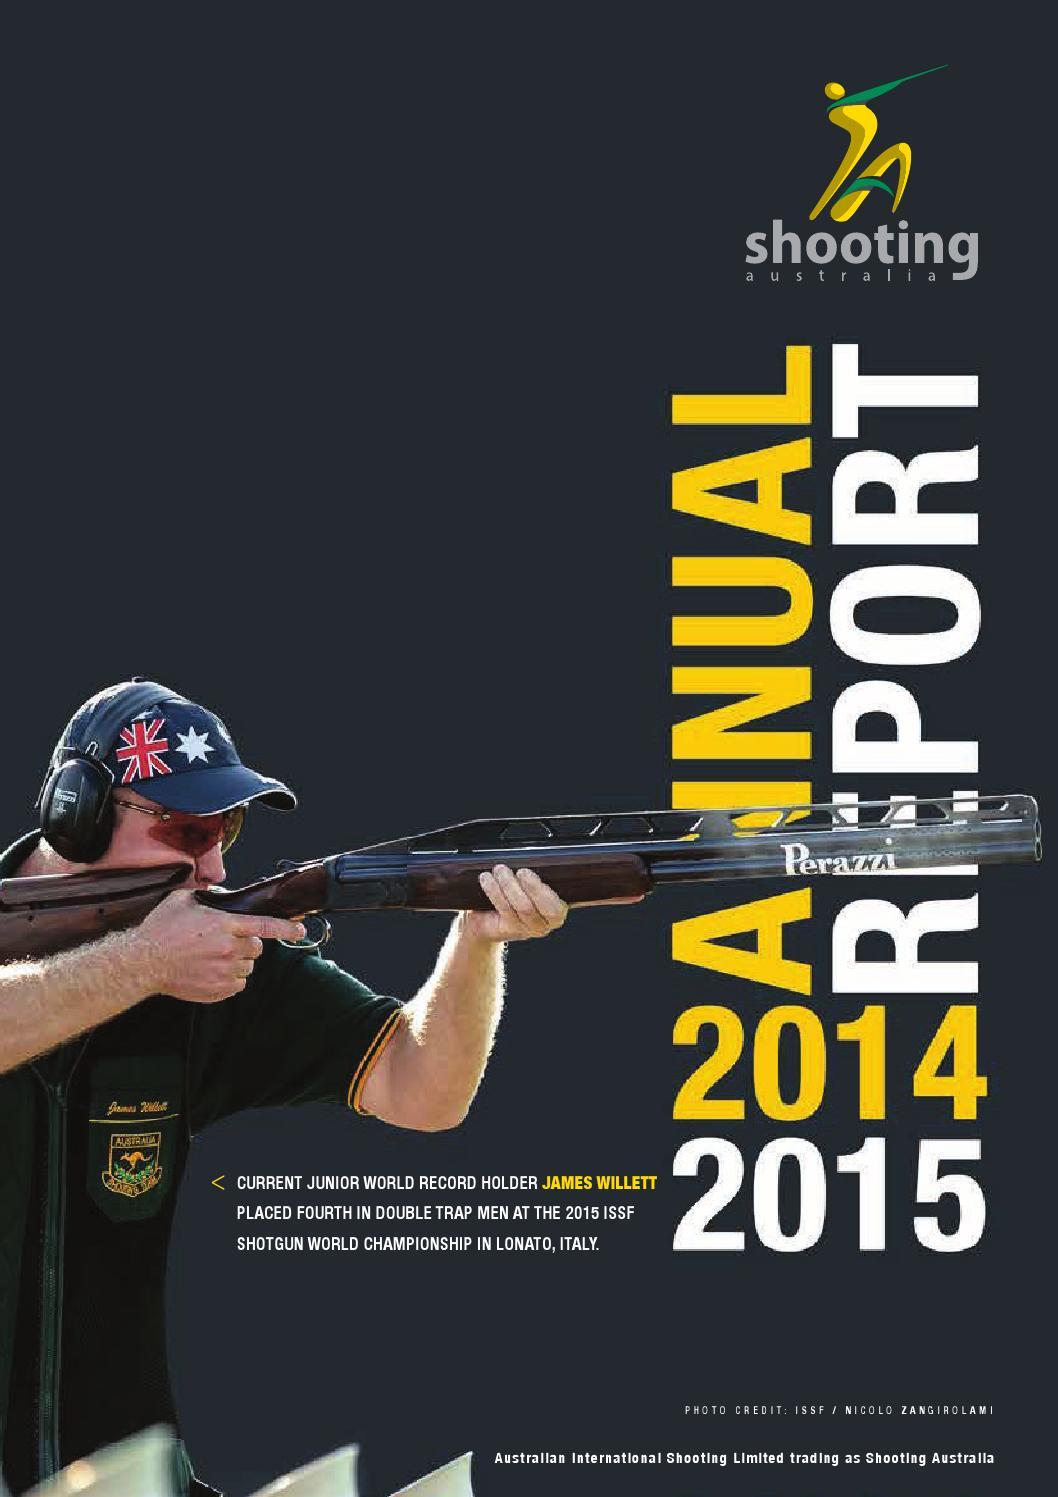 Aisl Shooting shooting australia annual report 2014 - 15shooting